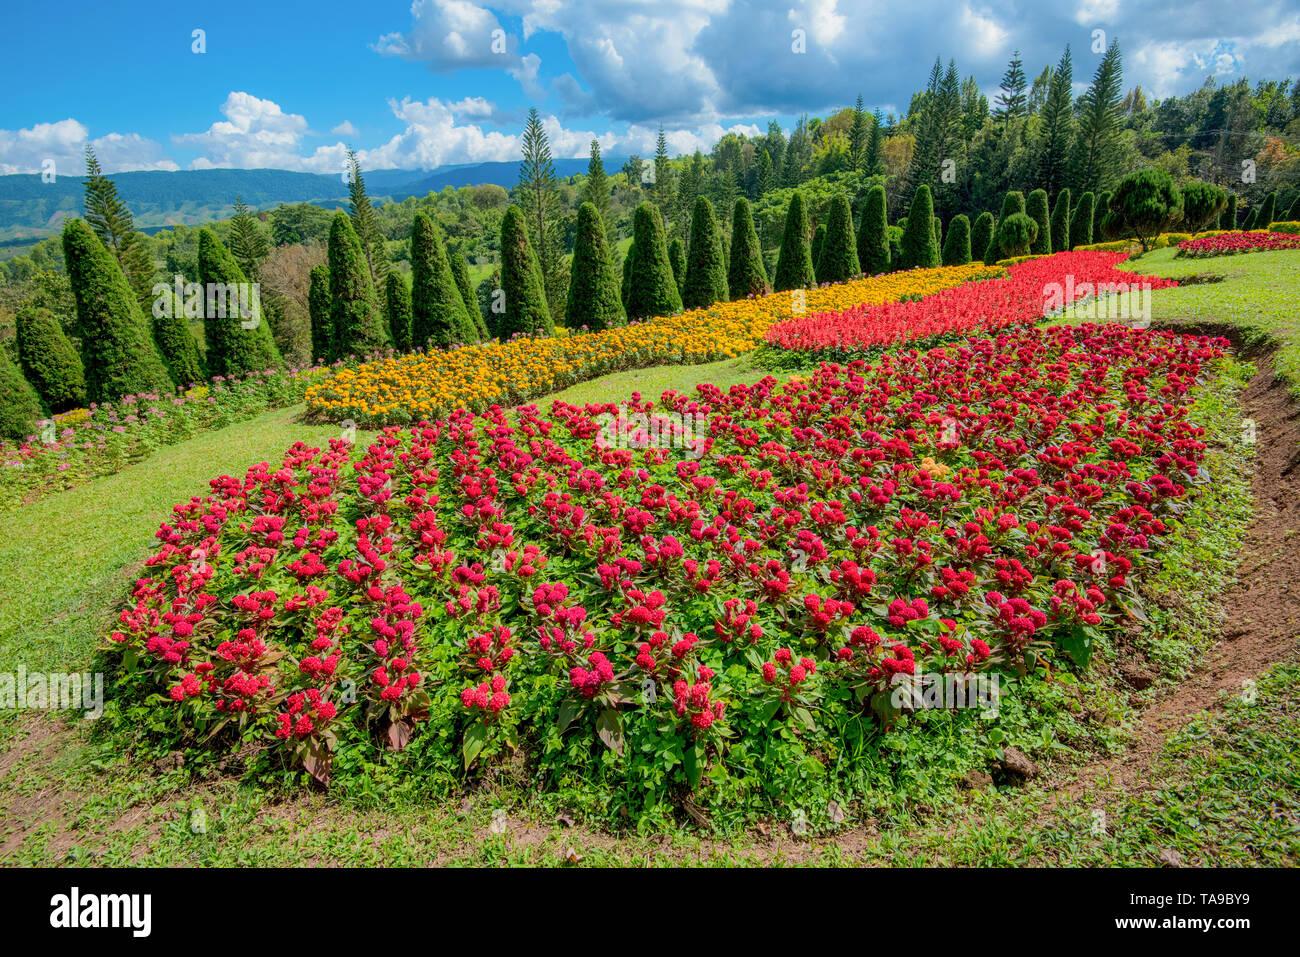 Pine Tree Garten/Blumen und Garten auf einem Hügel mit Pinien für Weihnachten - Landschaft Plateau auf dem Berg Hintergrund/Kasad T-Stück gesungen Phurua Loei agr Stockbild